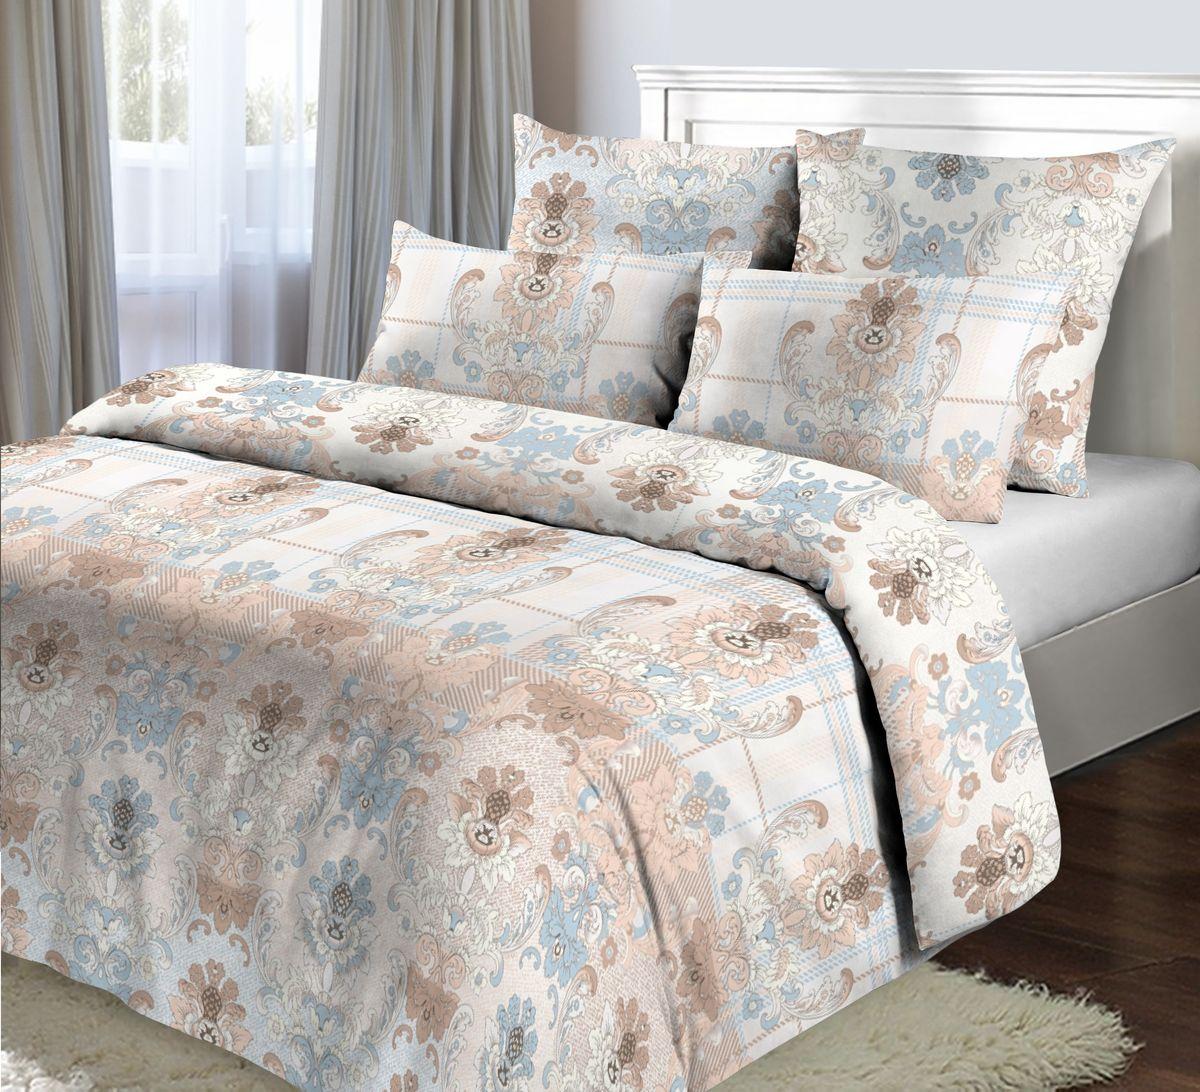 Комплект белья Коллекция Рафаэль, 2-спальный, наволочки 70х70ОБК-2/70 4281.4